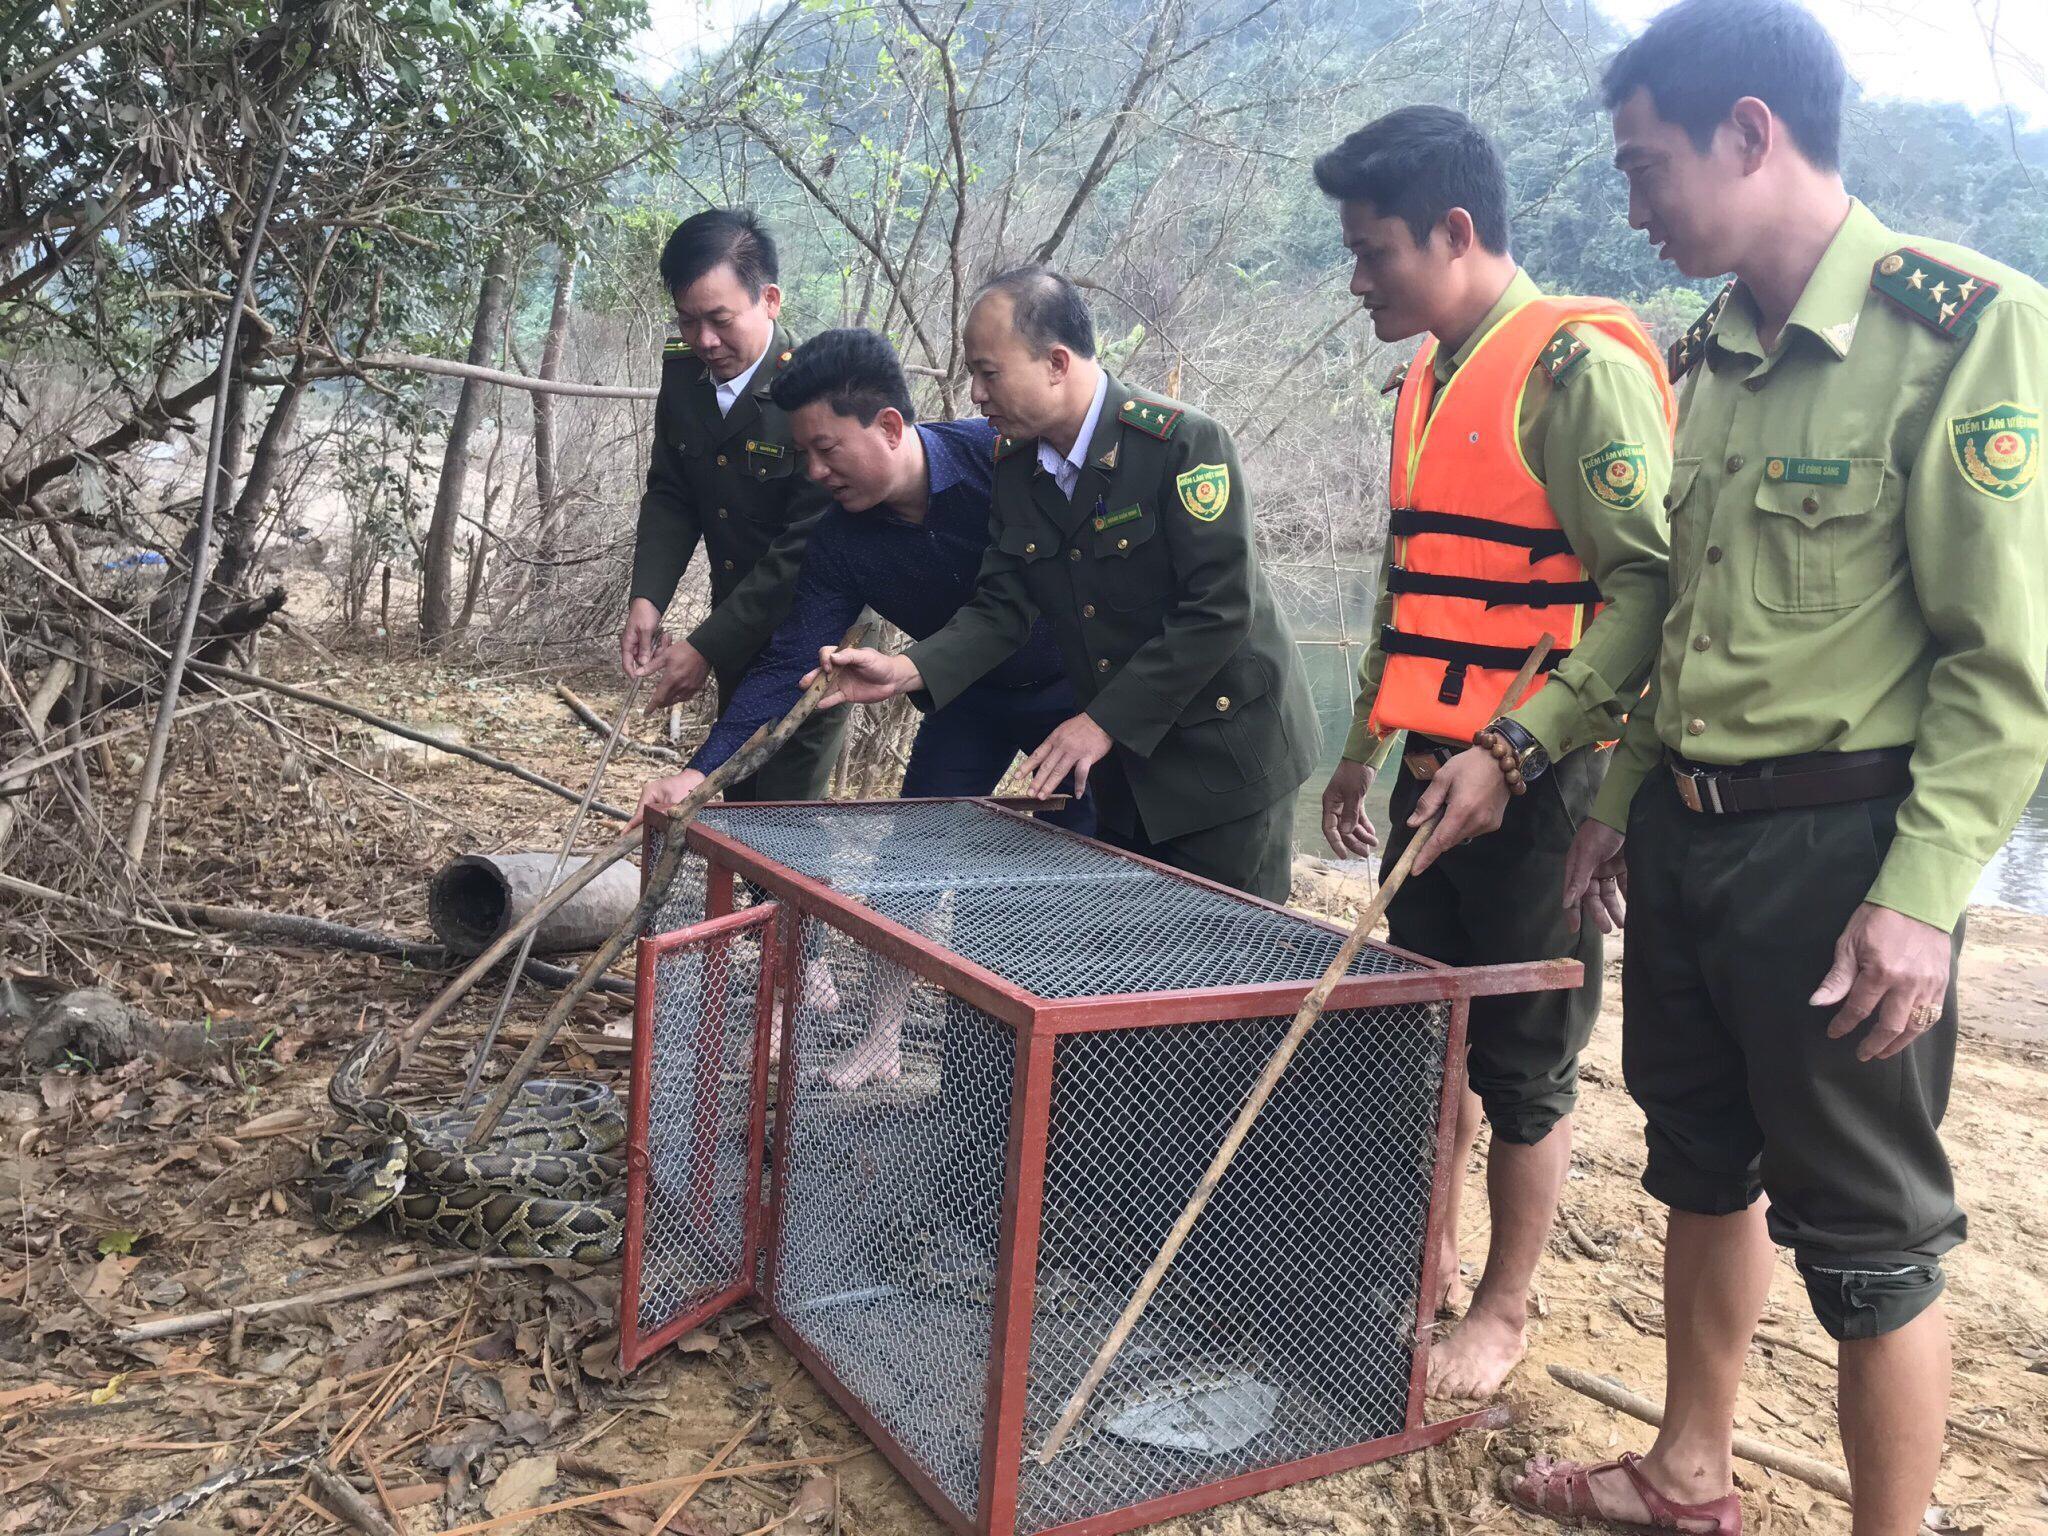 Tái thả 5 cá thể Trăn gấm quý hiếm về môi trường tự nhiên tại Vườn Quốc gia Vũ Quang